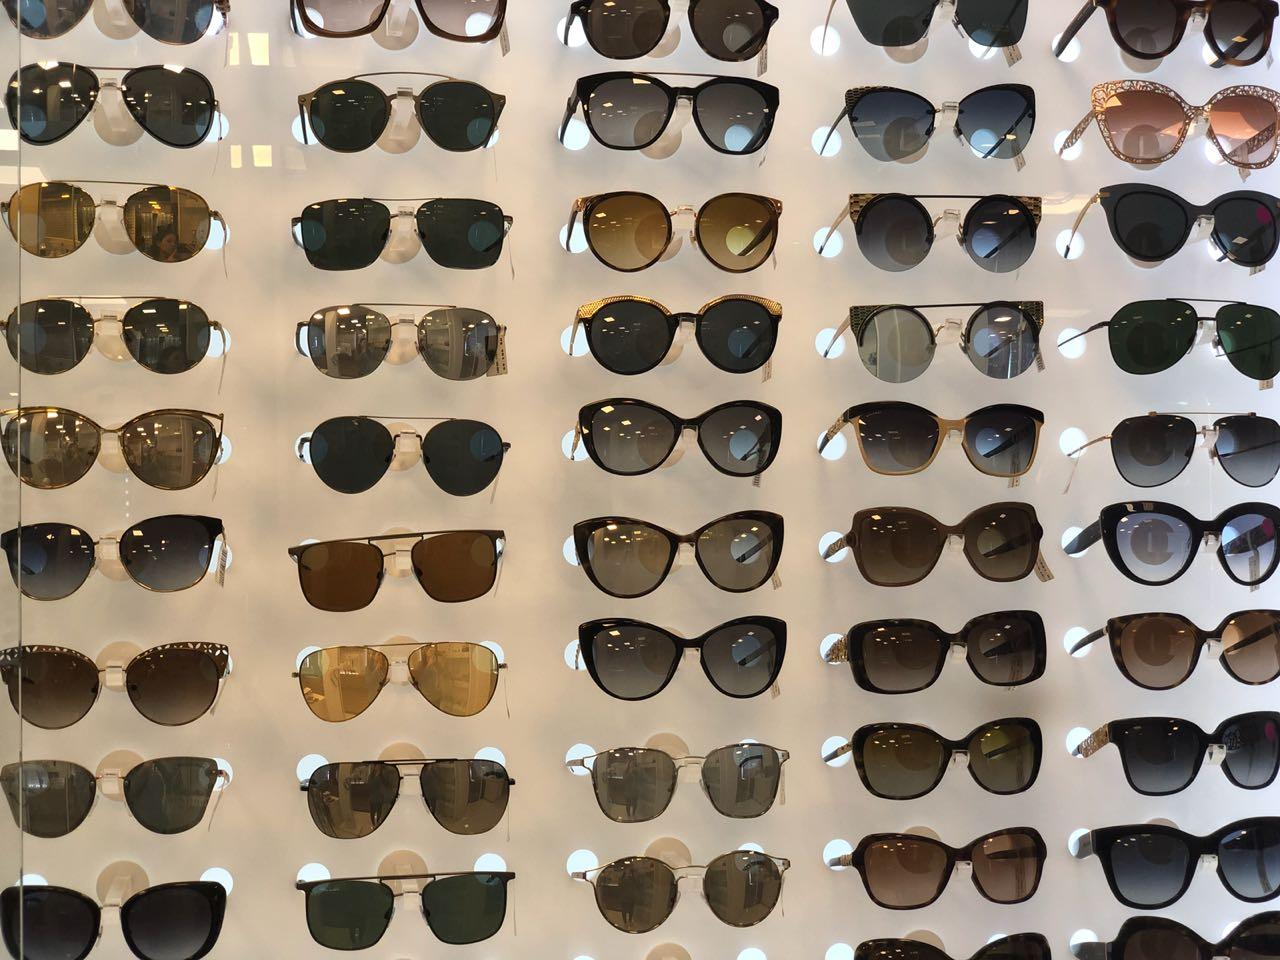 b638b8cd0 E além disso ela ainda está com uma mega promoção em produtos selecionados  na loja. Muitos óculos de sol e de grau para você escolher o seu favorito.